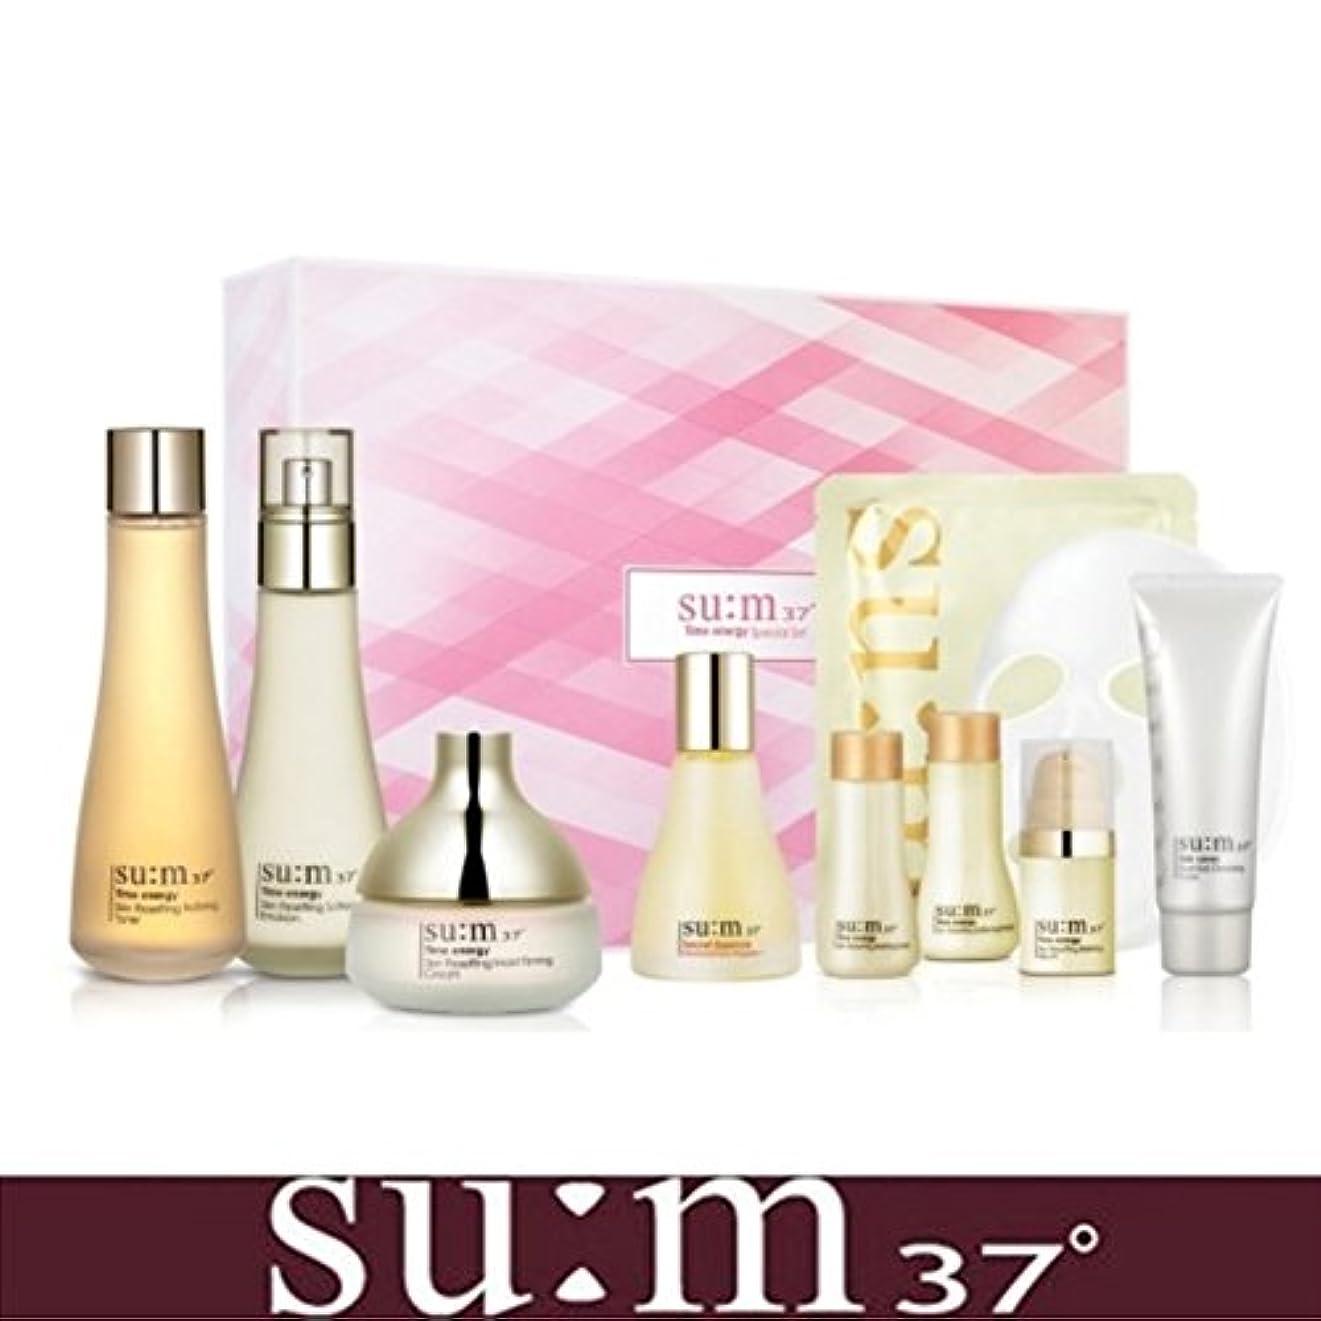 防止人に関する限り殺人[su:m37/スム37°] SUM37 Time Energy 3pcs Special Skincare Set / タイムエネルギーの3種のスペシャルセット+[Sample Gift](海外直送品)